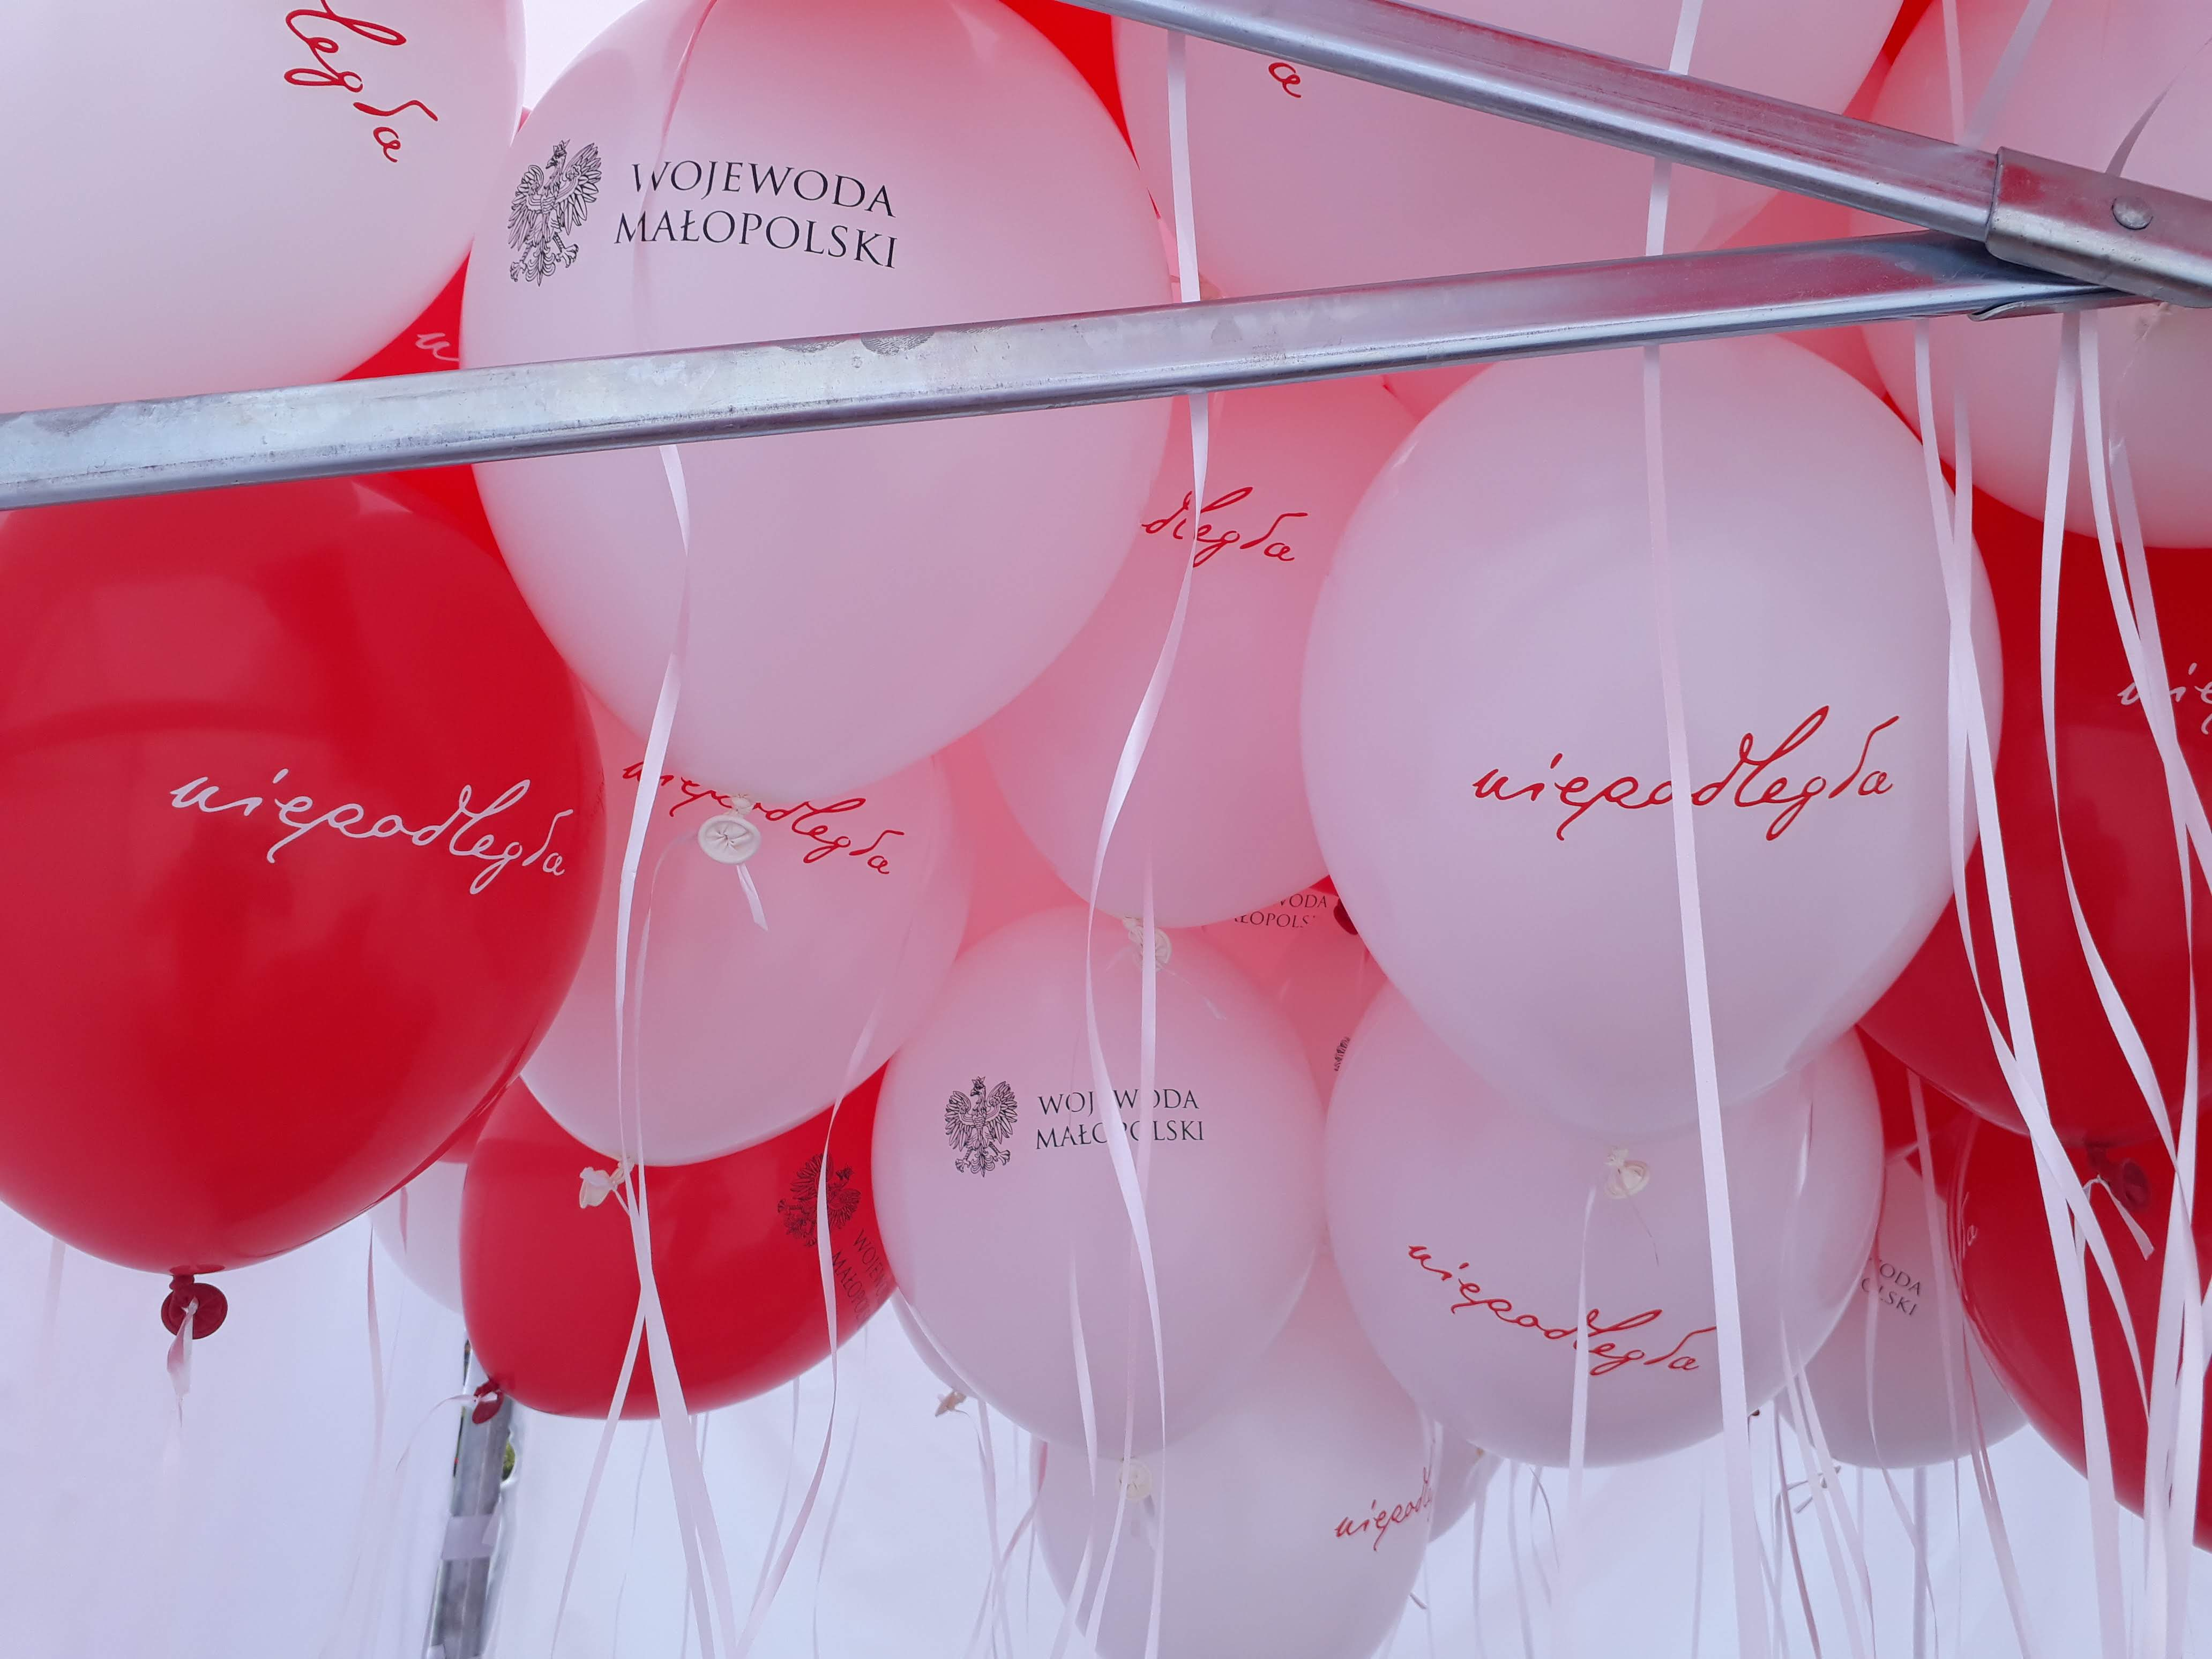 Balony z logo Wojewody Małopolskiego